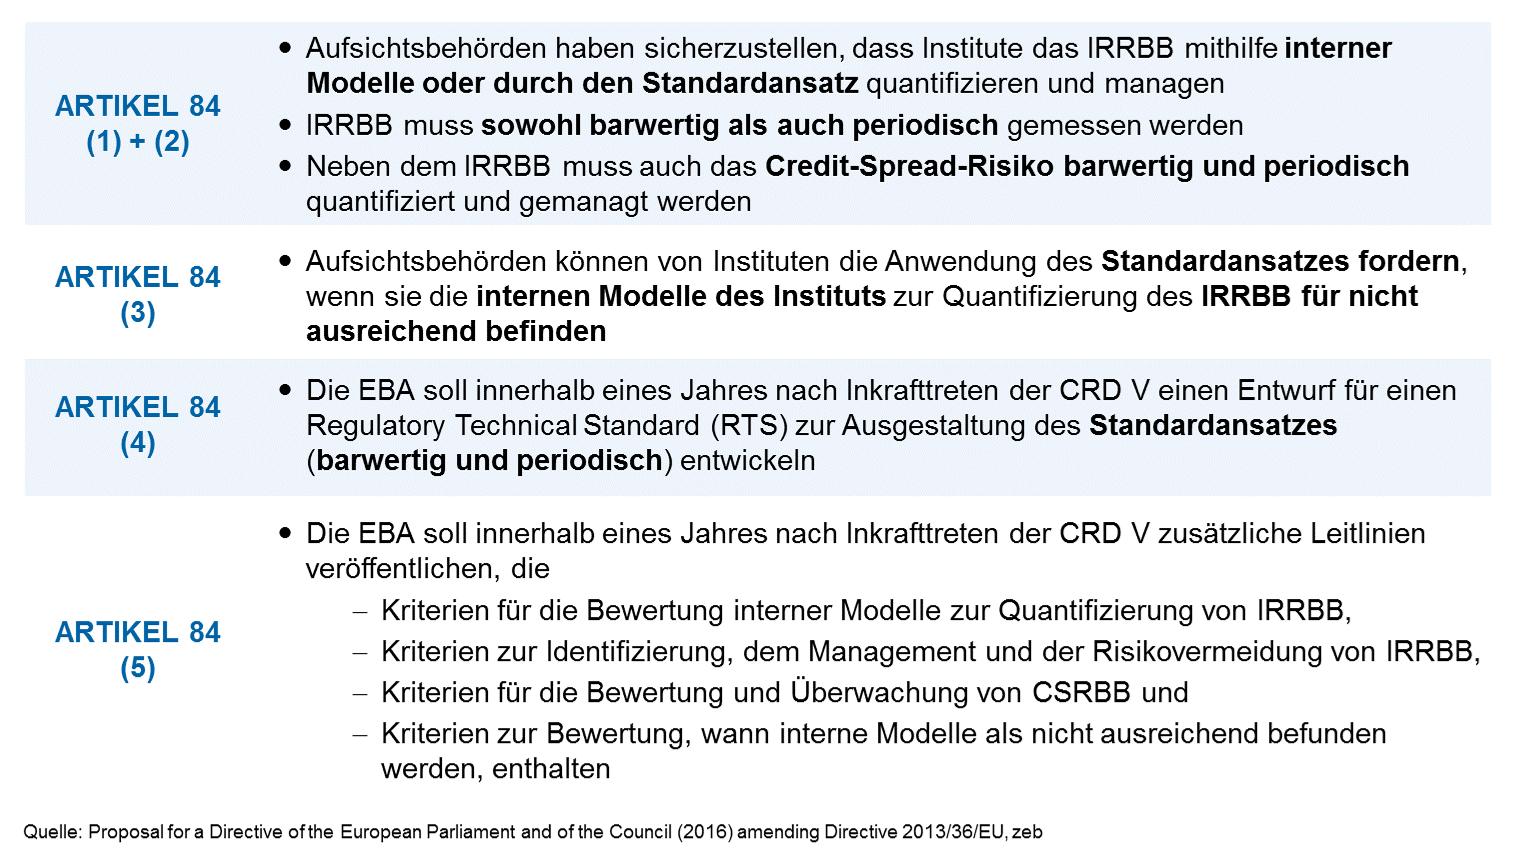 Zusammenfassung der Inhalte des Artikel 84, CRD V- CRD-V-Novelle